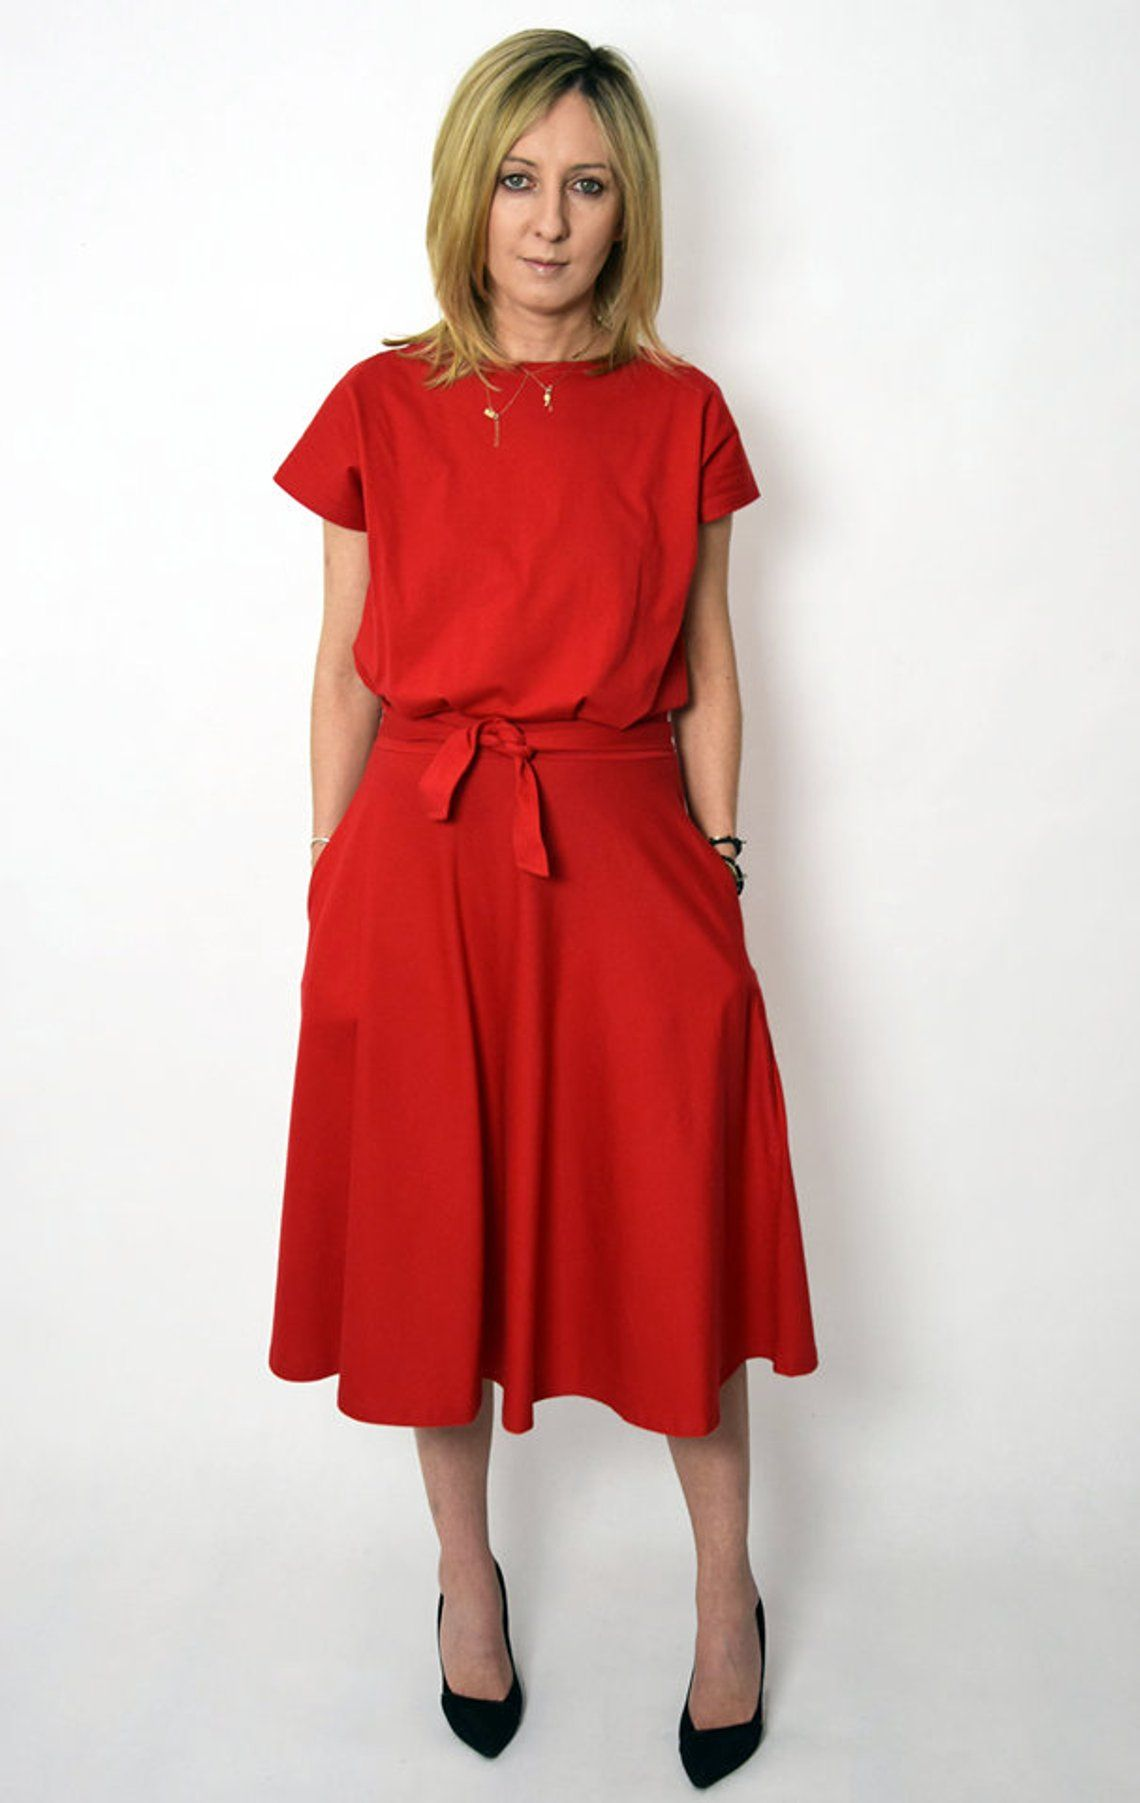 LUCY - Midi Flared Baumwolle Kleid aus Polen / handgemachte Kleid